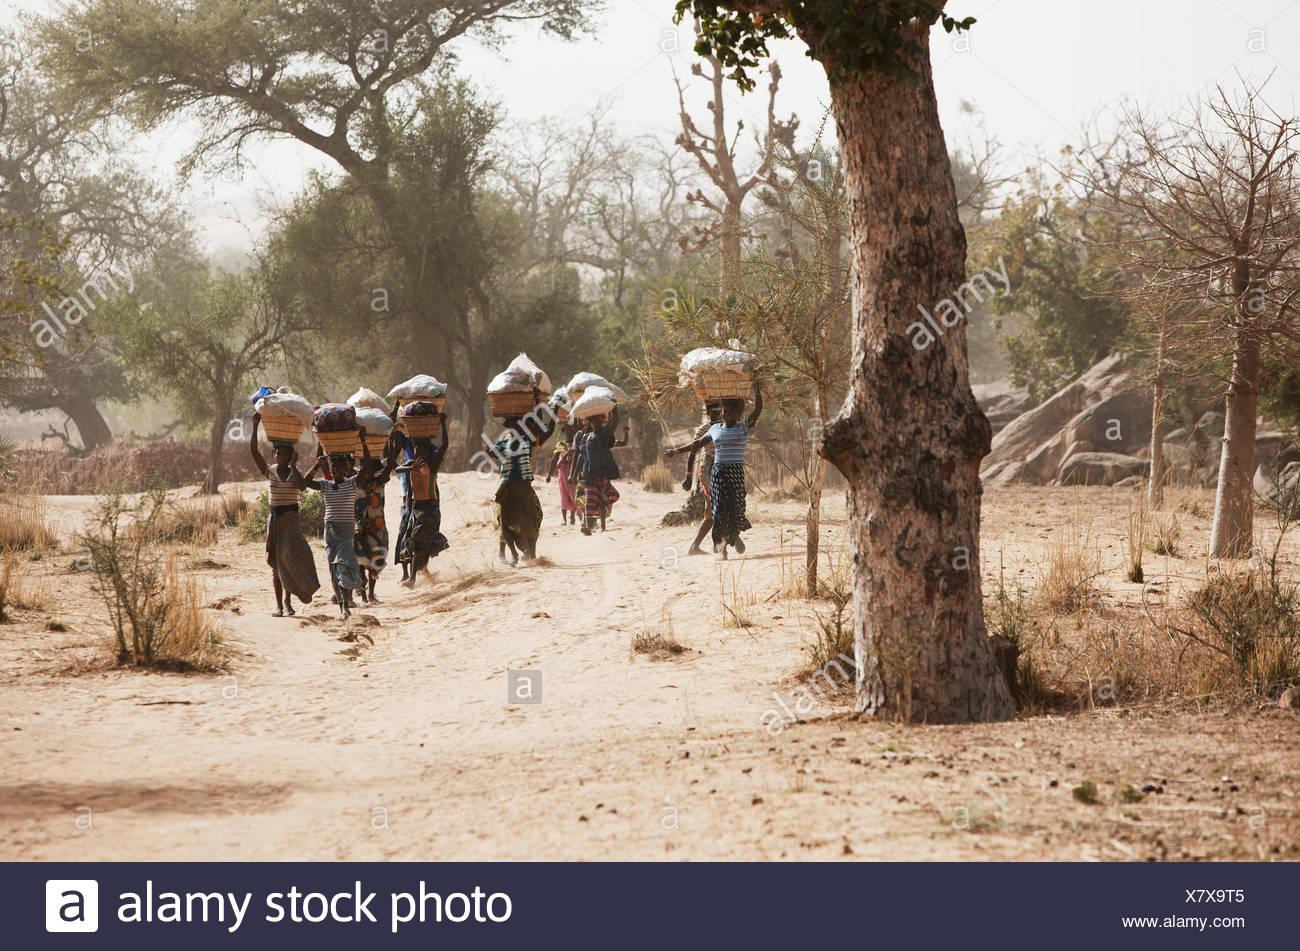 Las mujeres en el camino hacia un mercado de tierras, Dogon, región de Mopti, Malí Foto de stock